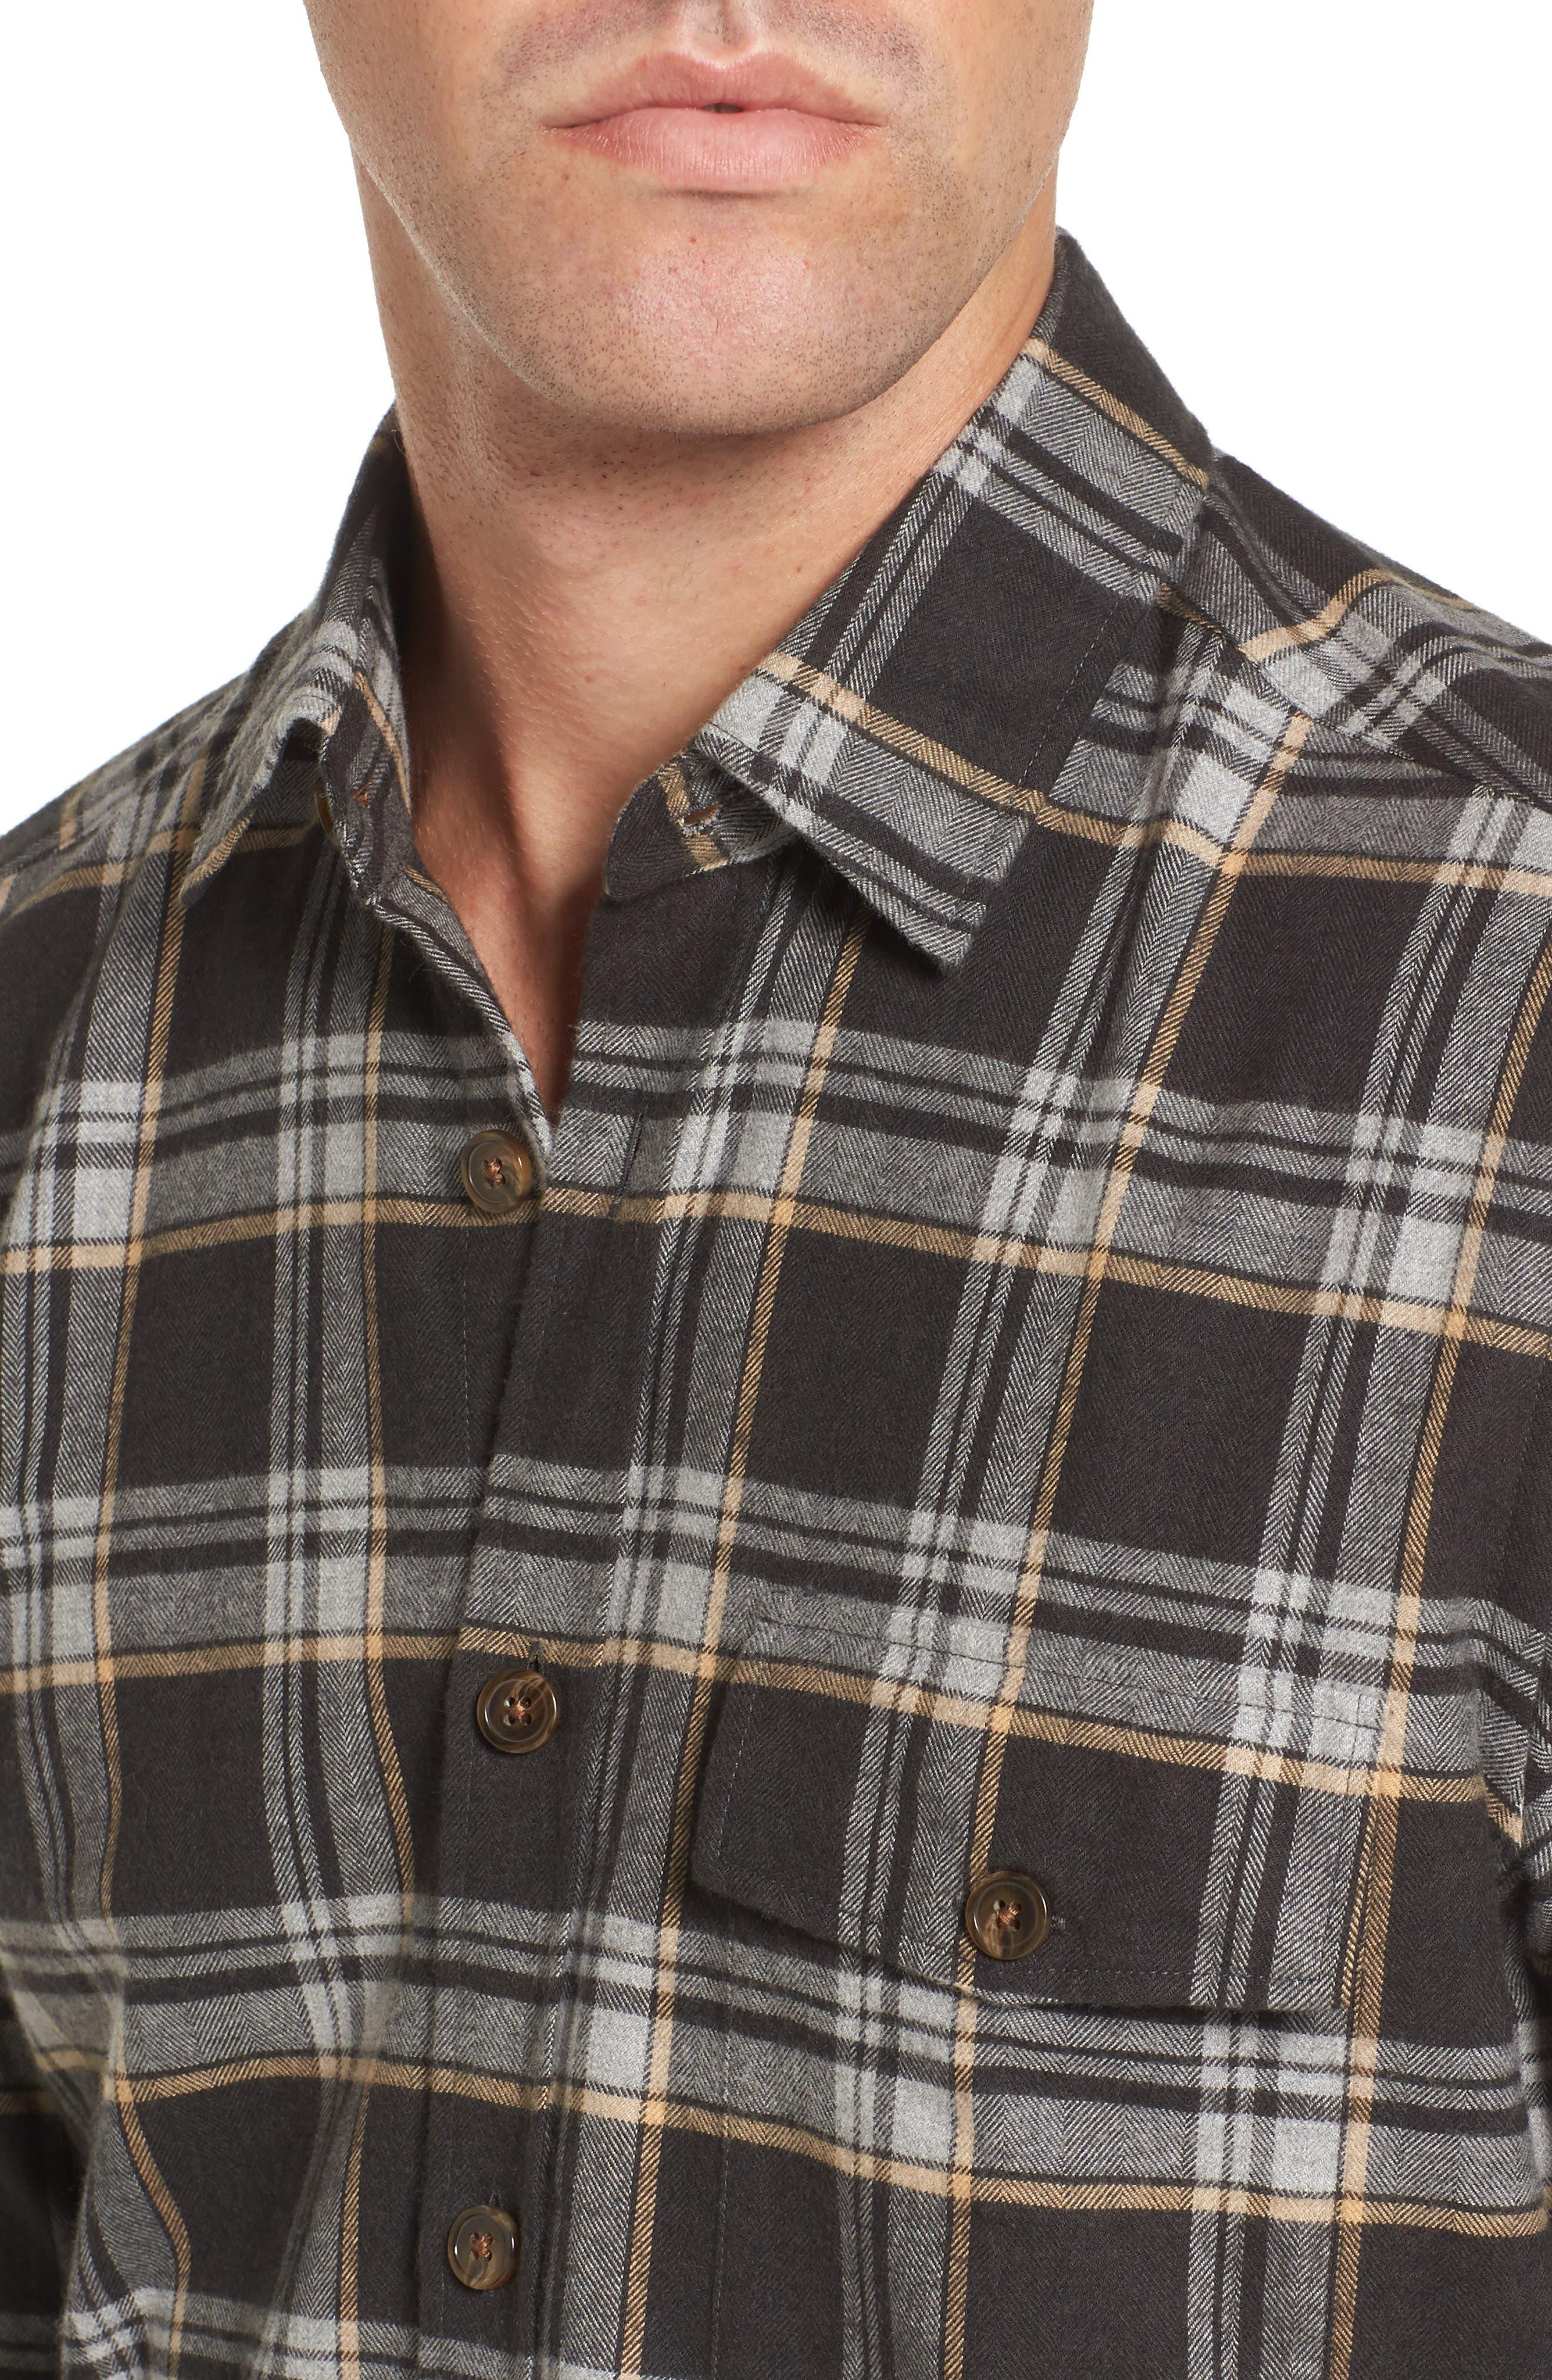 Lalo Plaid Flannel Shirt,                             Alternate thumbnail 4, color,                             262